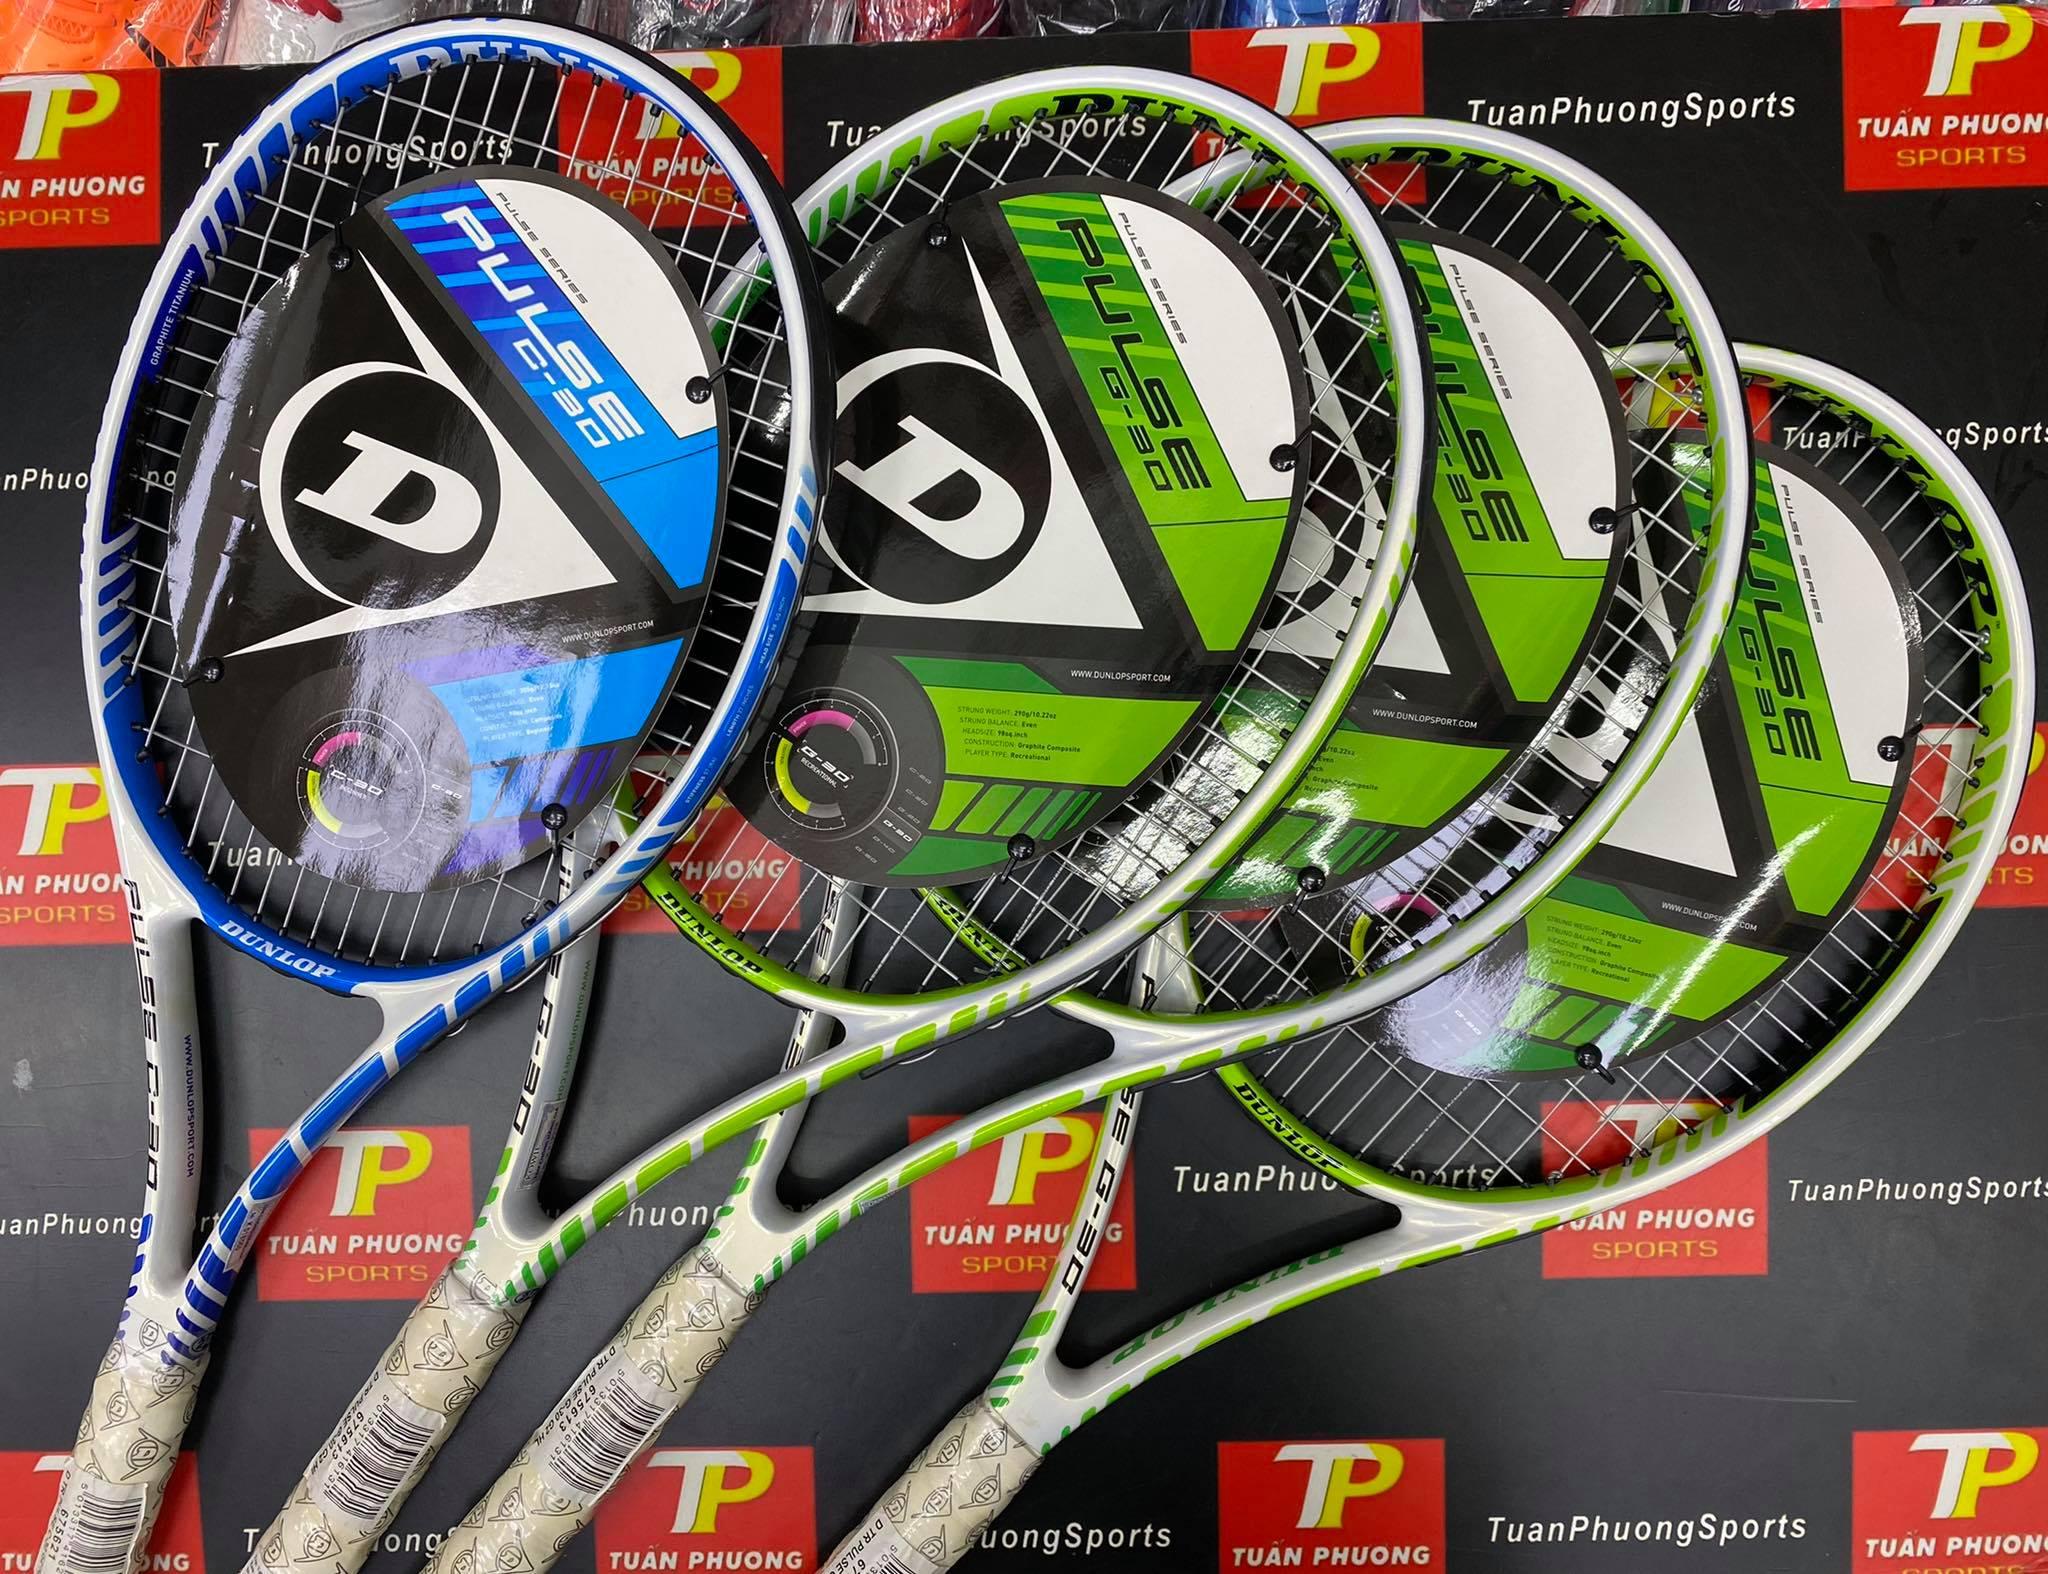 Vợt tennis chính hãng giá rẻ